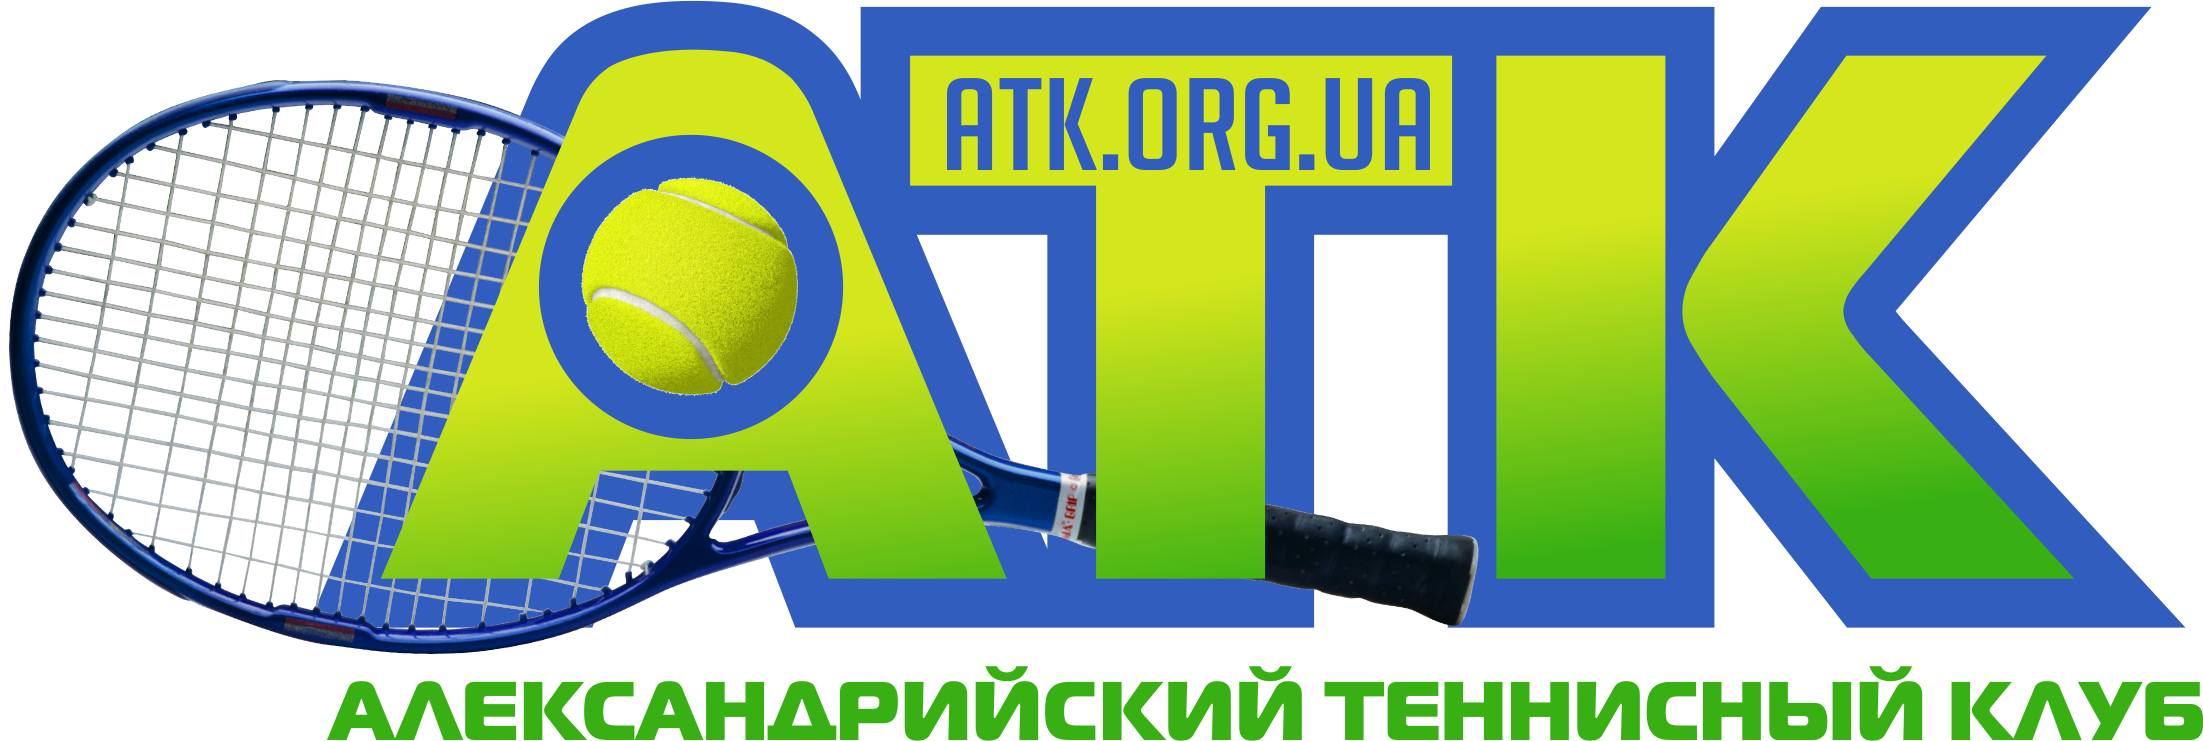 https://atk.org.ua/novaya-staraya-versiya-obucheniya-v-bolshoy-tennis/